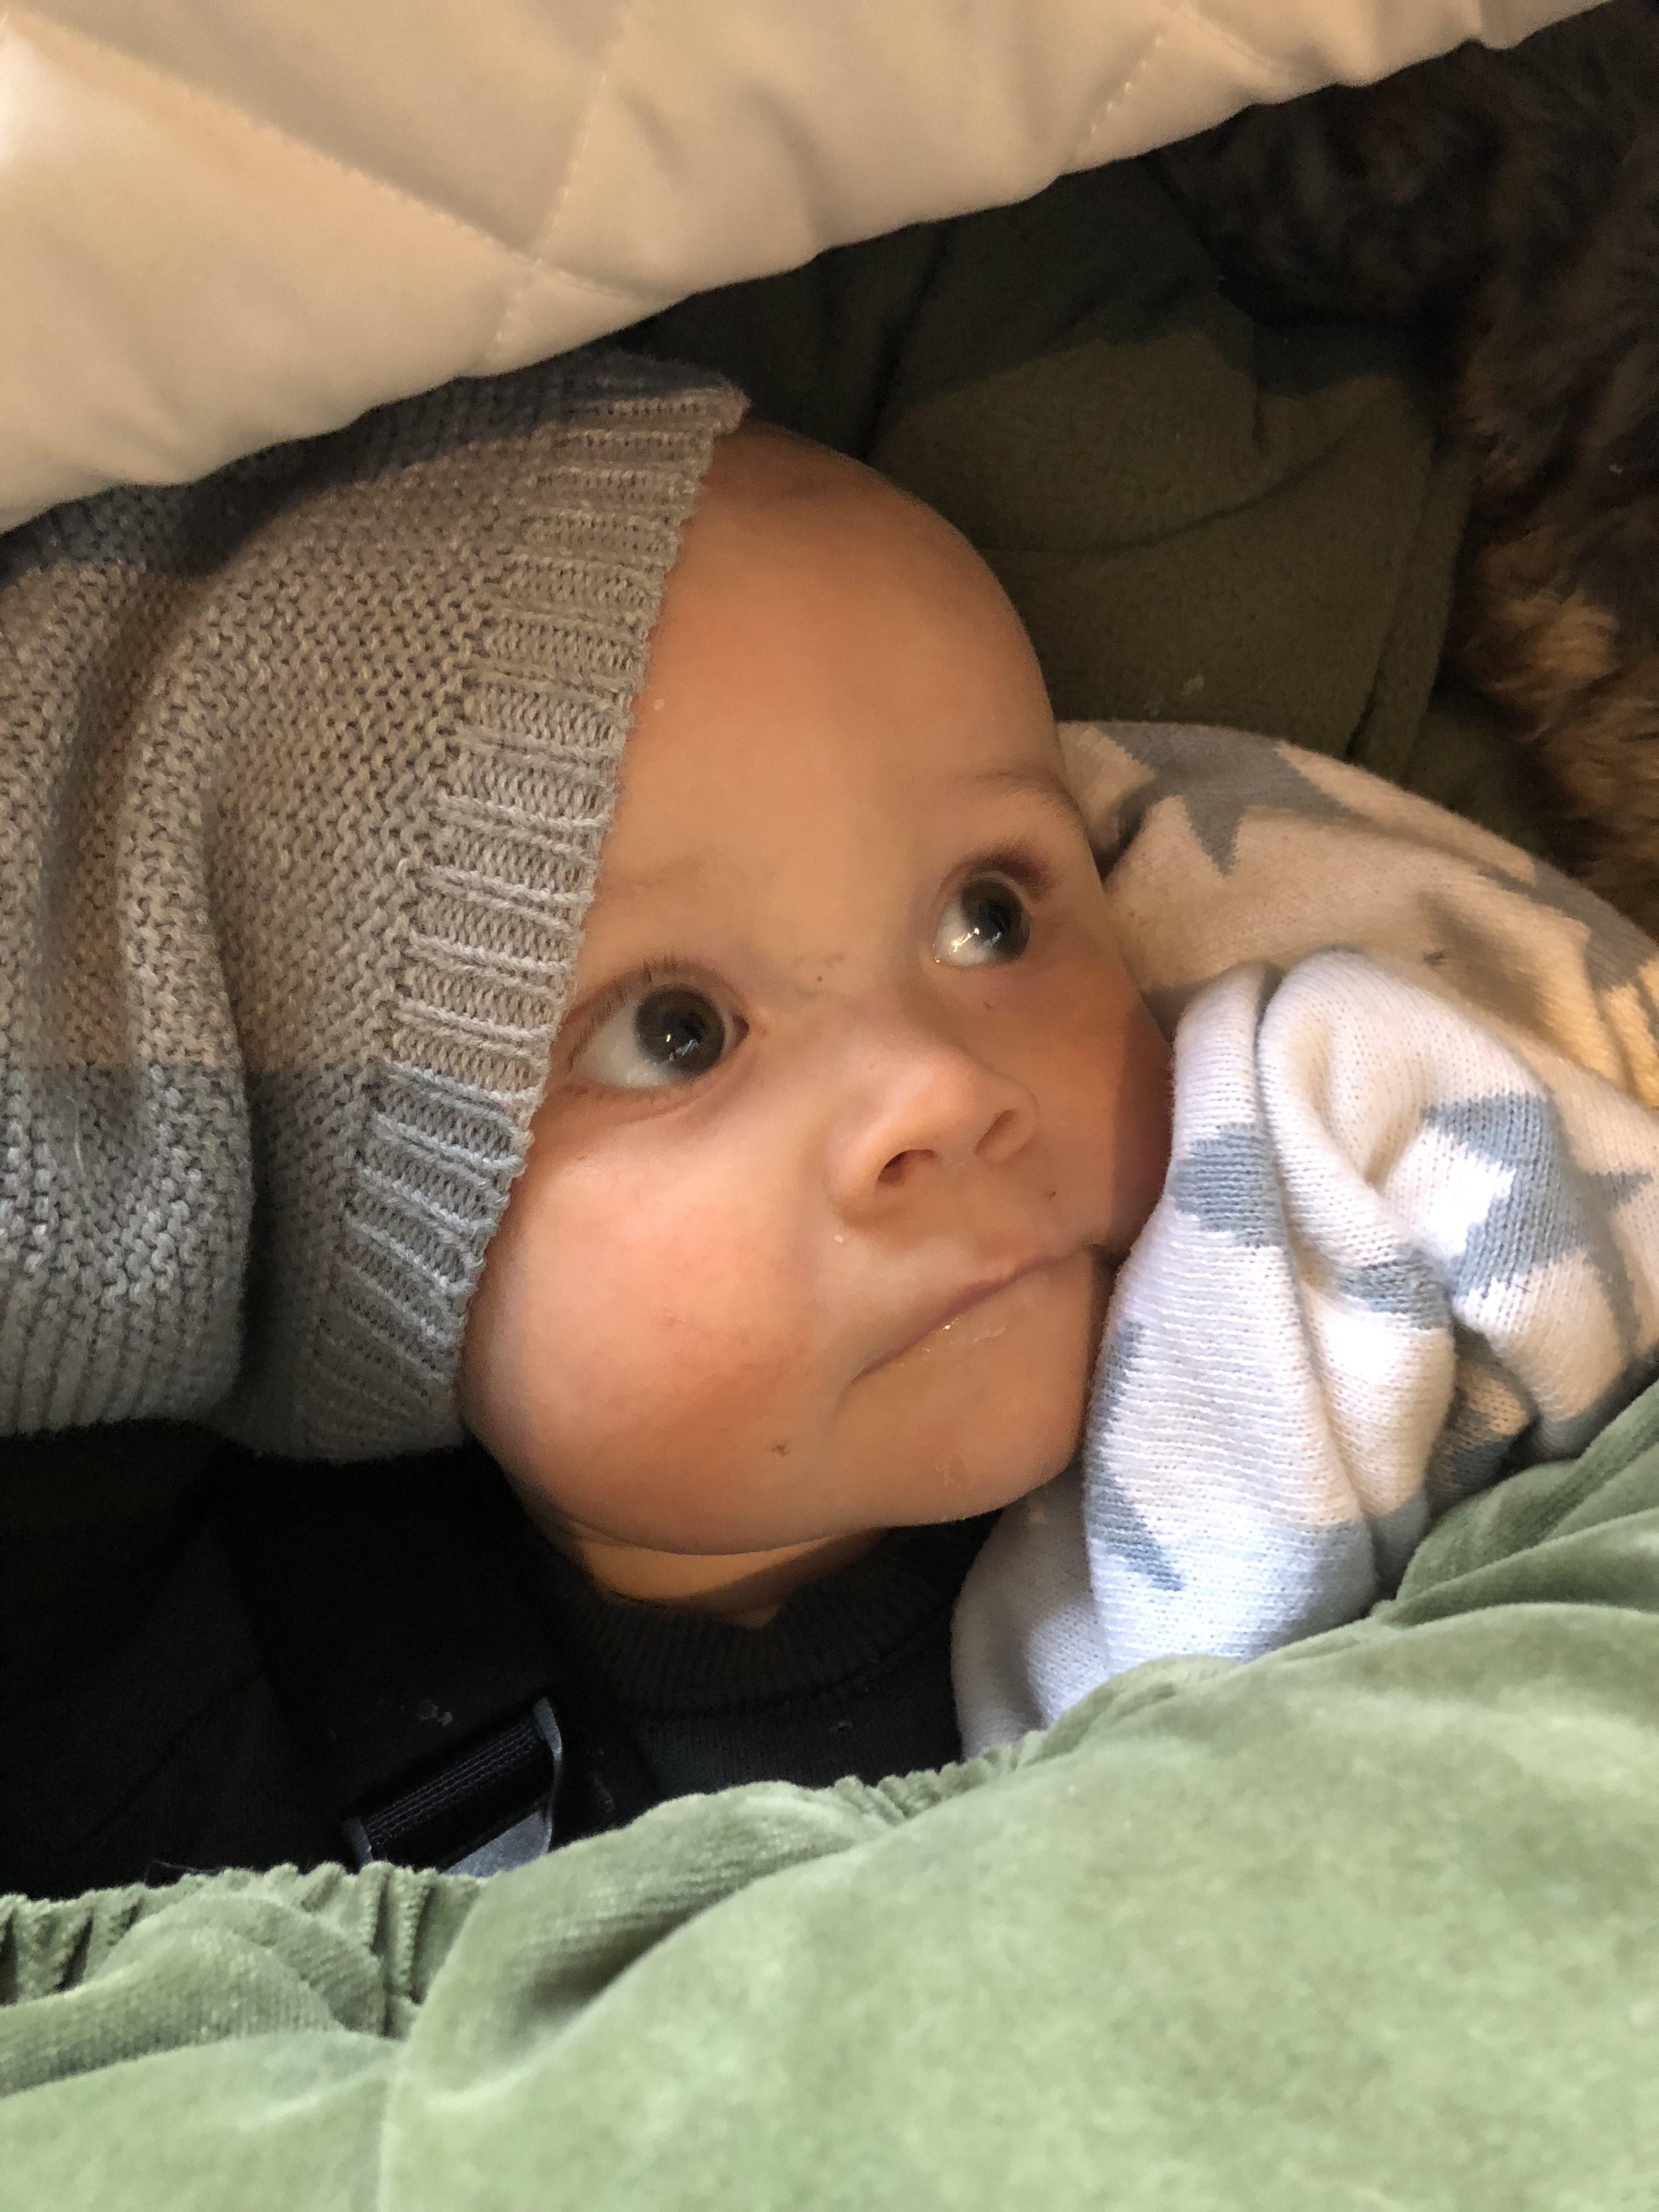 fastklistrad bebis | margaux dietz